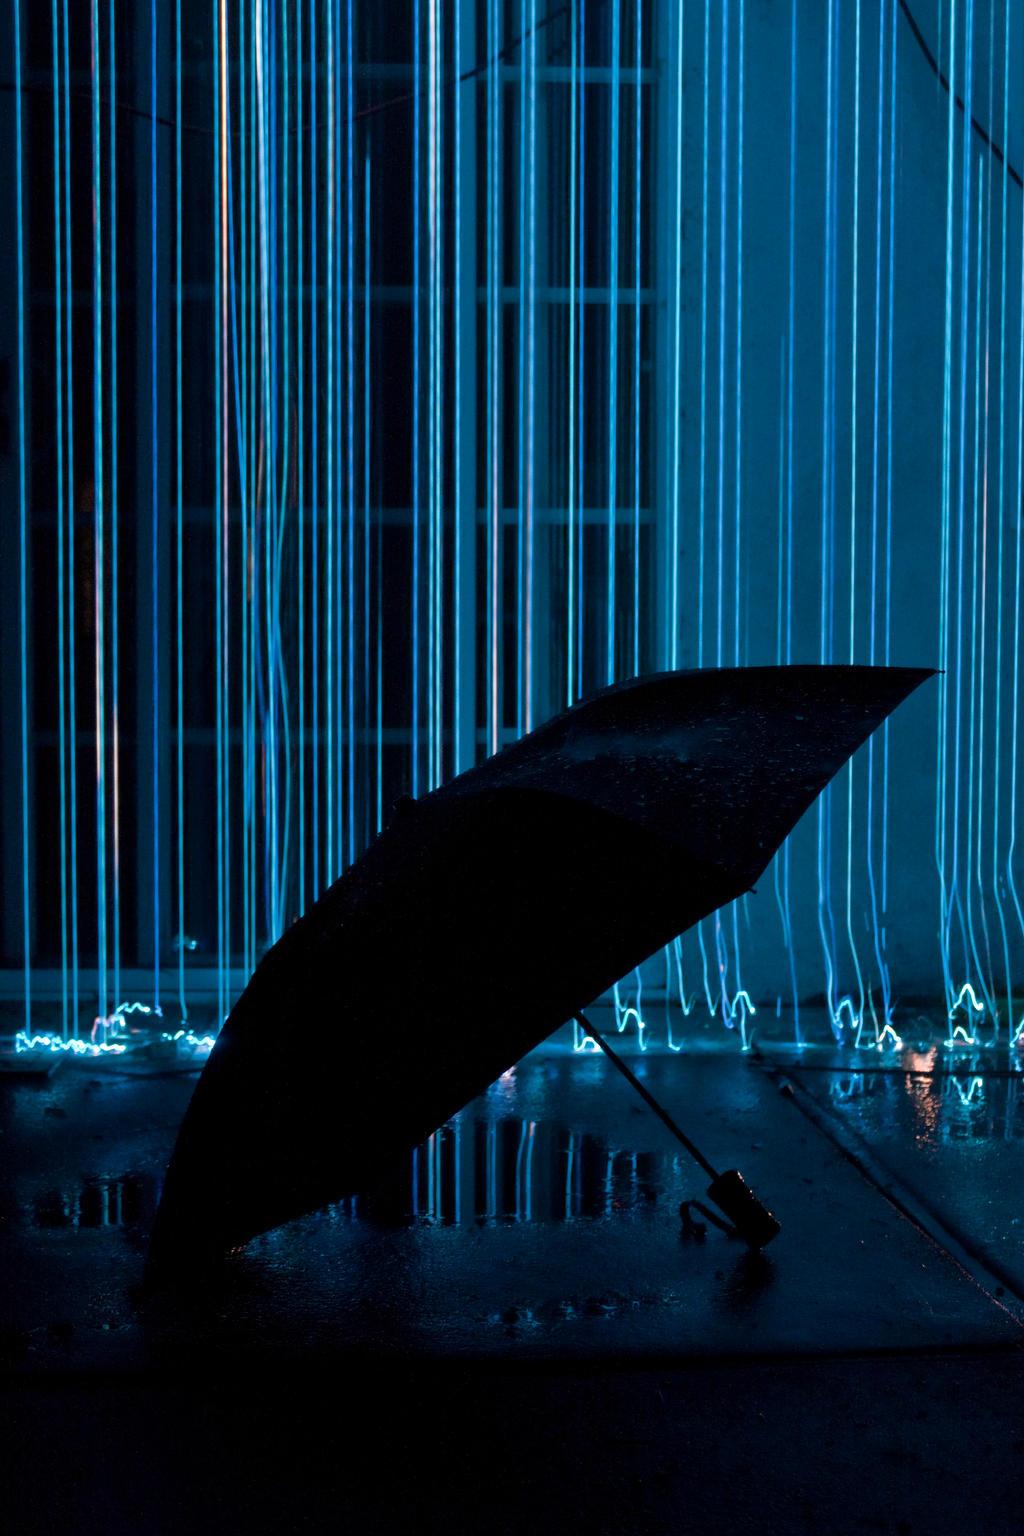 Light Rain by Tahimek